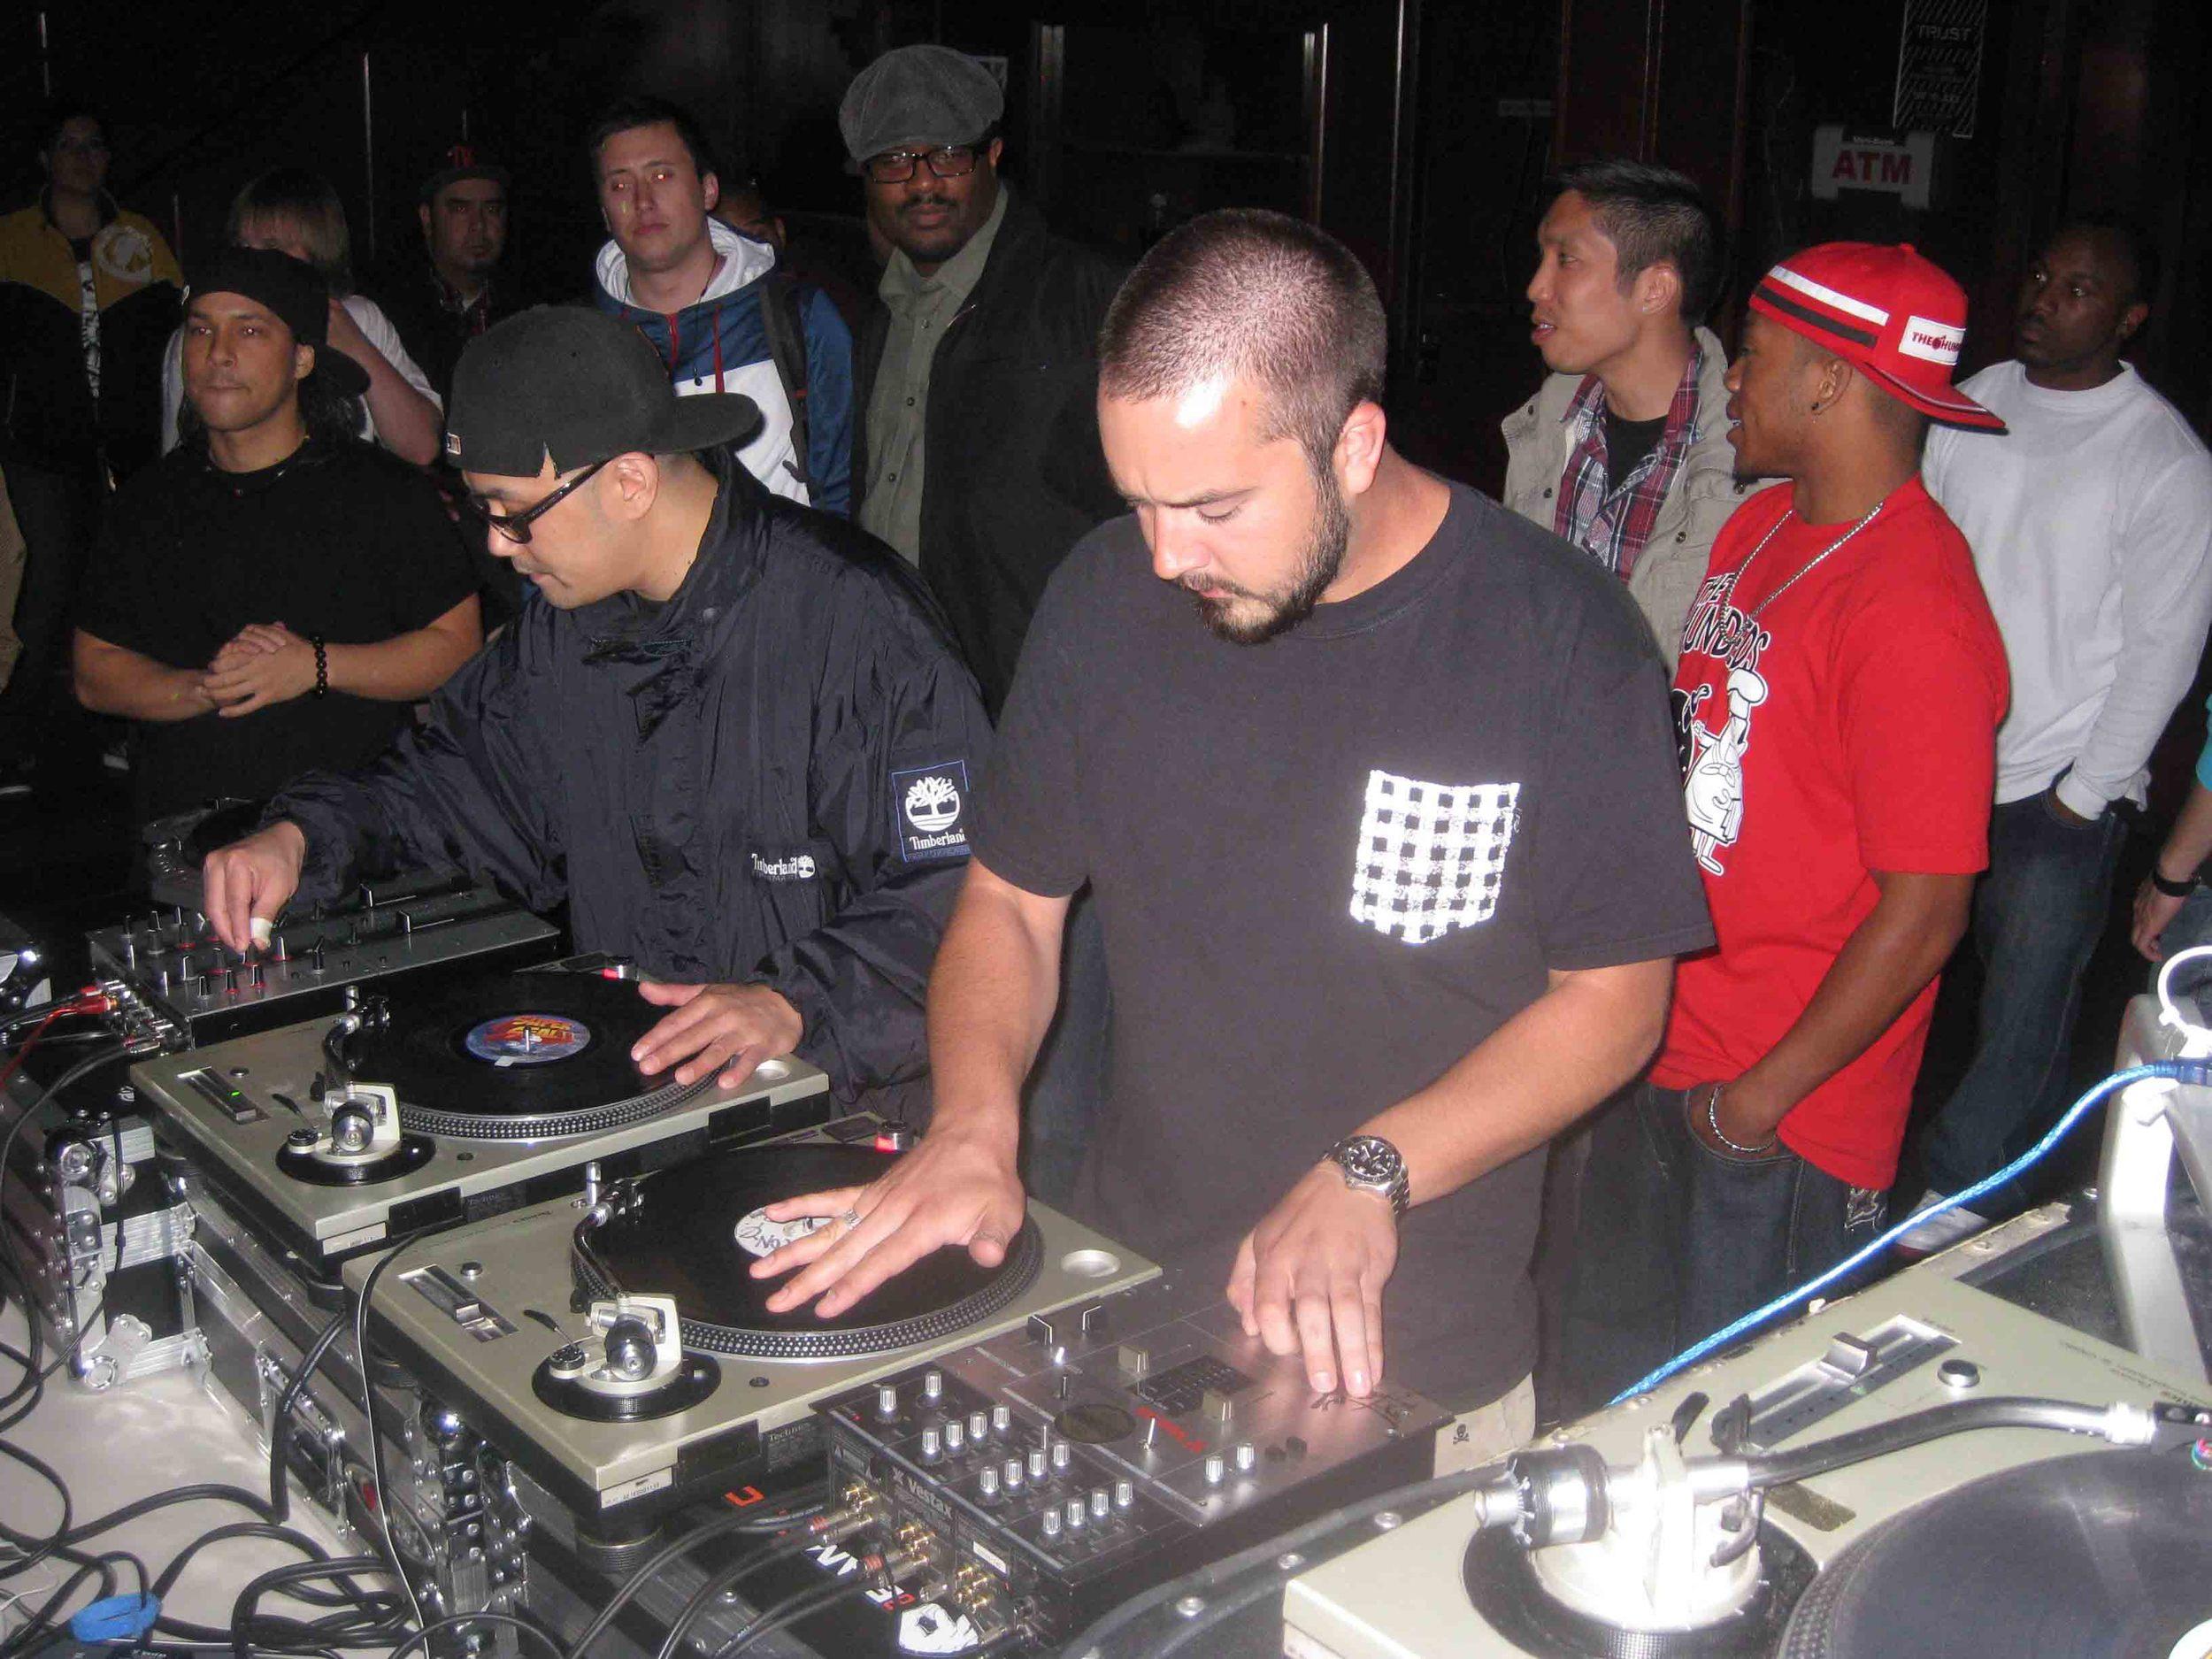 2011_07_07_Skratch Lounge (07).jpg